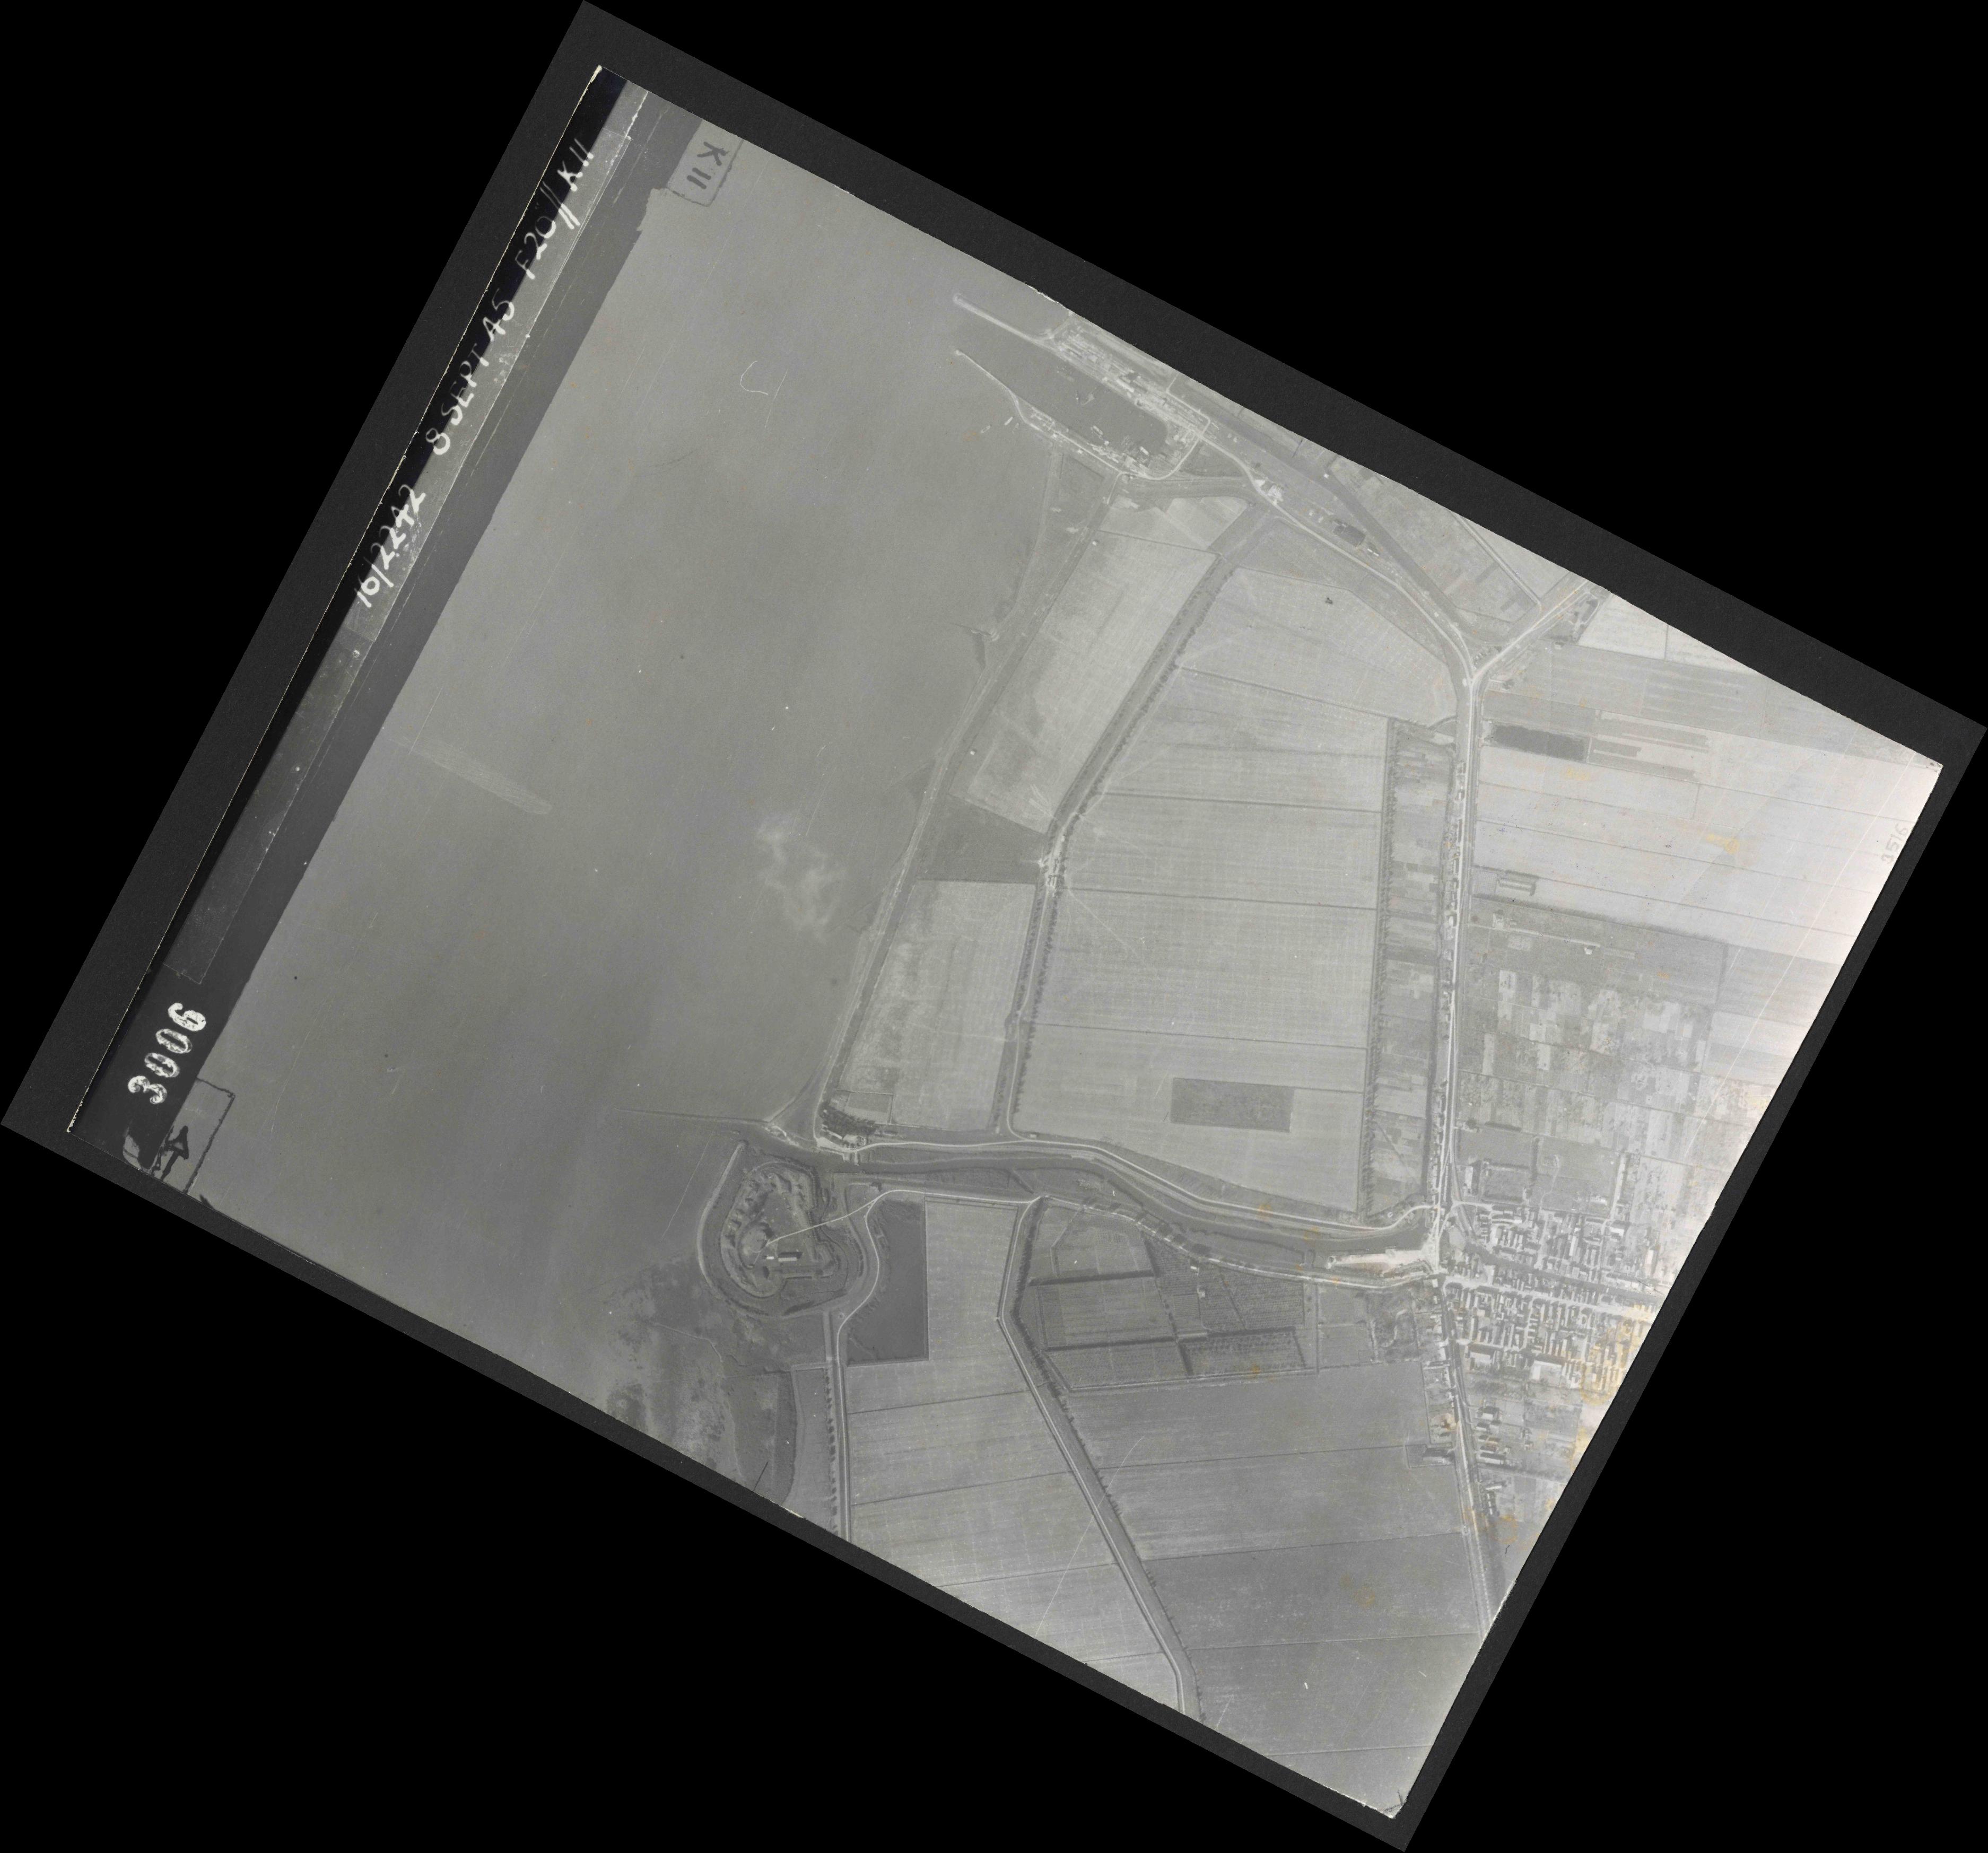 Collection RAF aerial photos 1940-1945 - flight 036, run 12, photo 3006